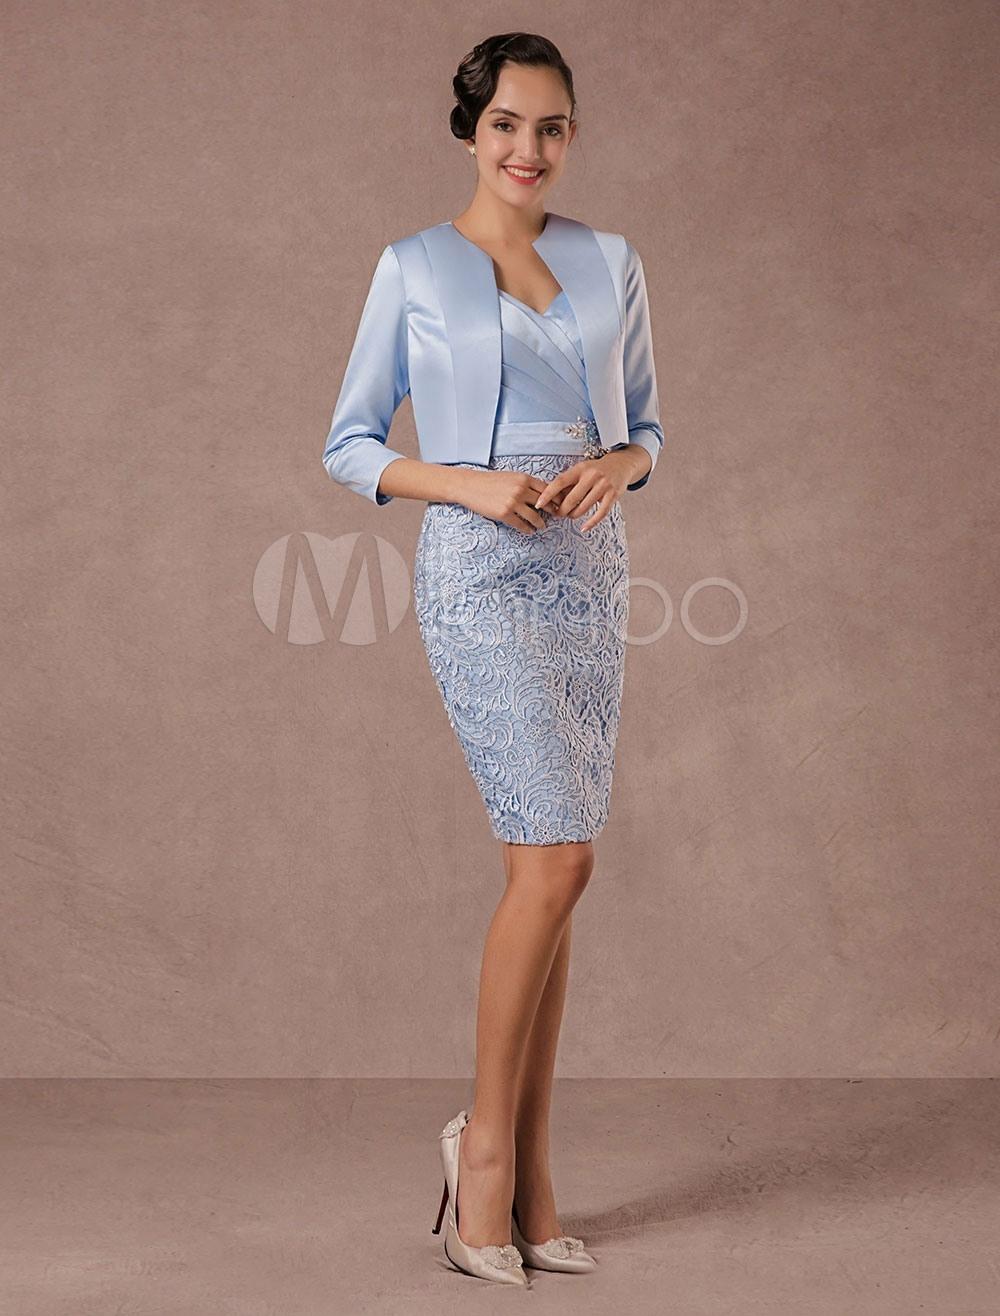 20 Einzigartig Elegante Sommerkleider Für Hochzeit Boutique Genial Elegante Sommerkleider Für Hochzeit Spezialgebiet